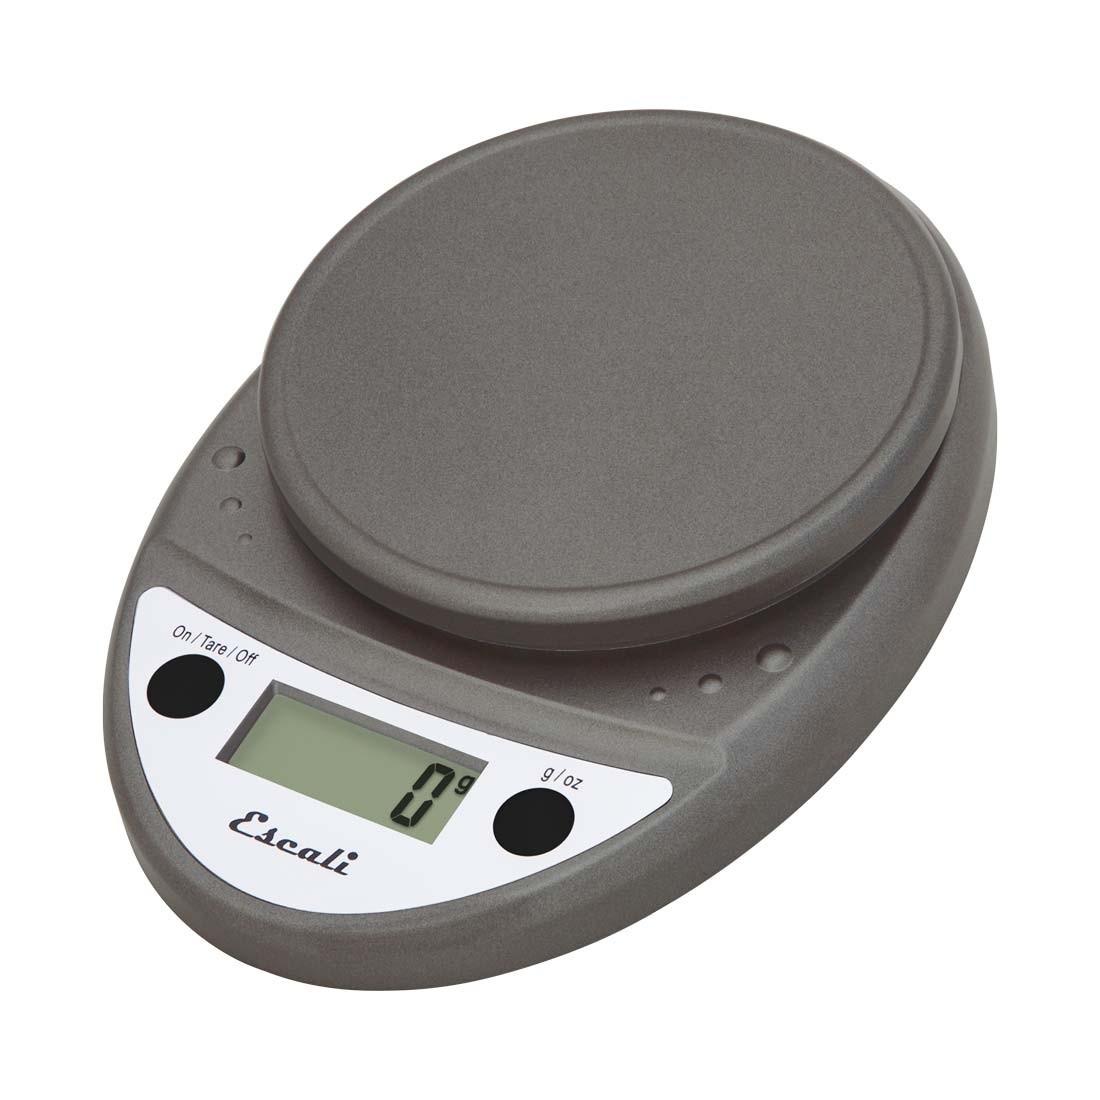 Escali - Primo Digital Scale - 11 Lbs